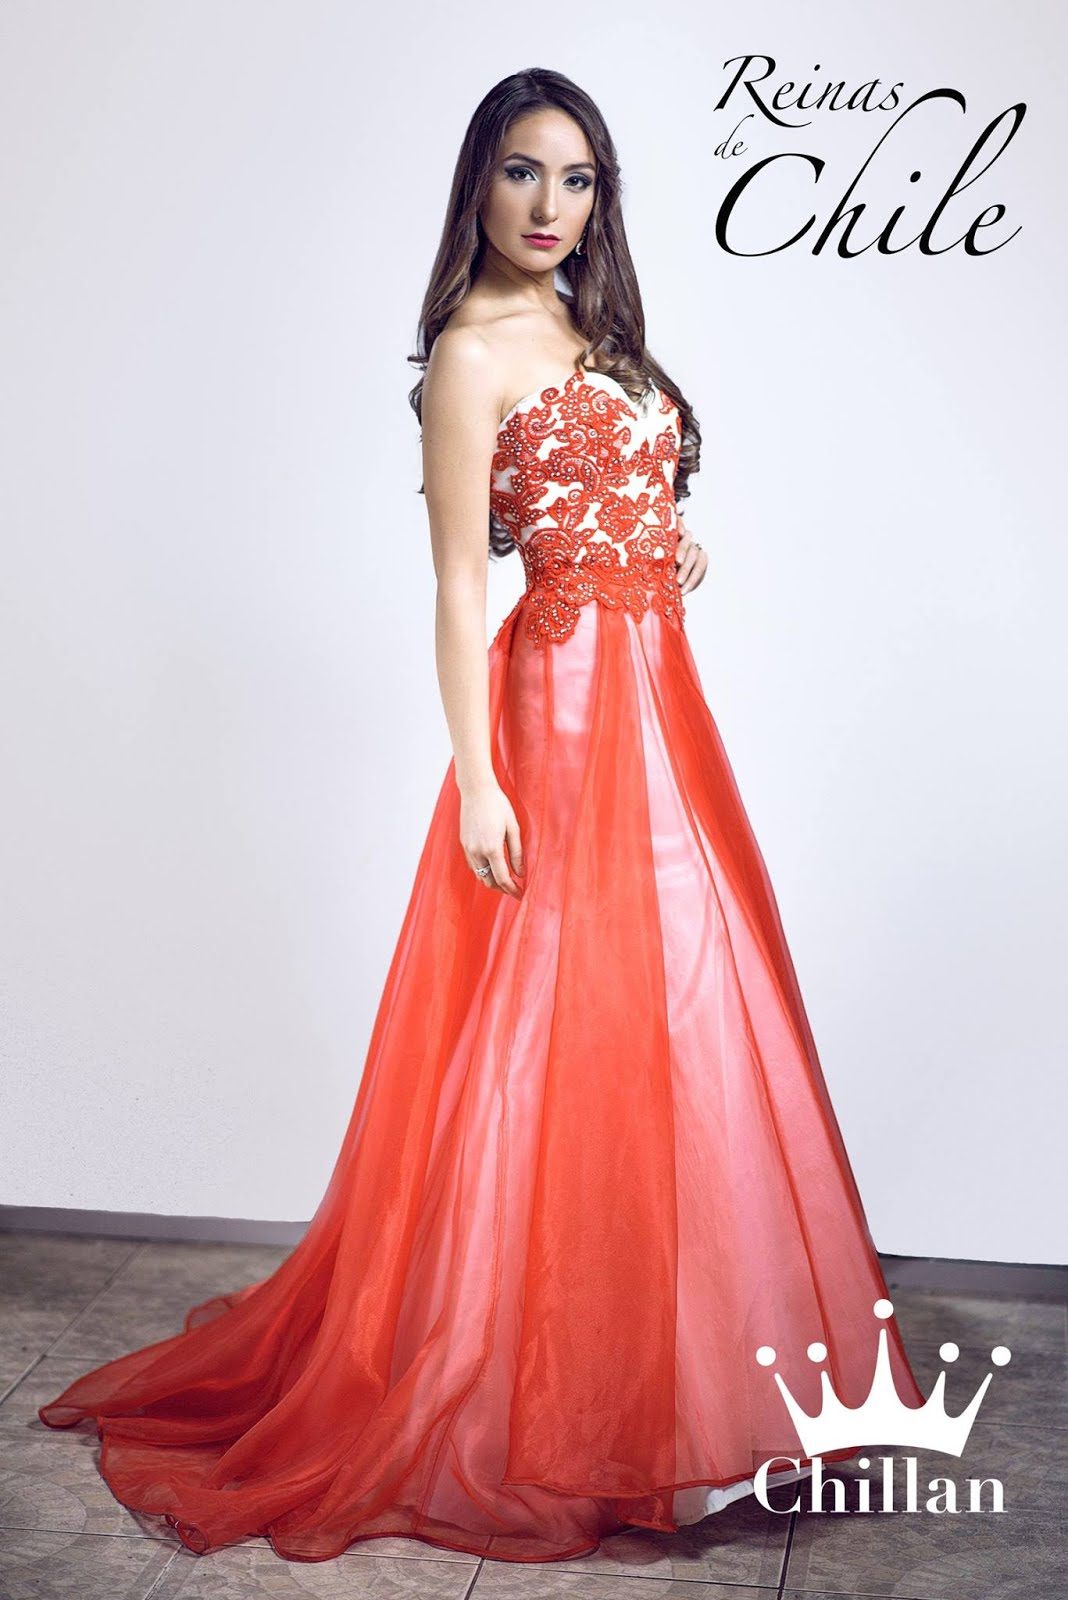 Camila Santander Chávez, Miss Chillán en certamen de belleza Reinas de Chile - Talca 2017